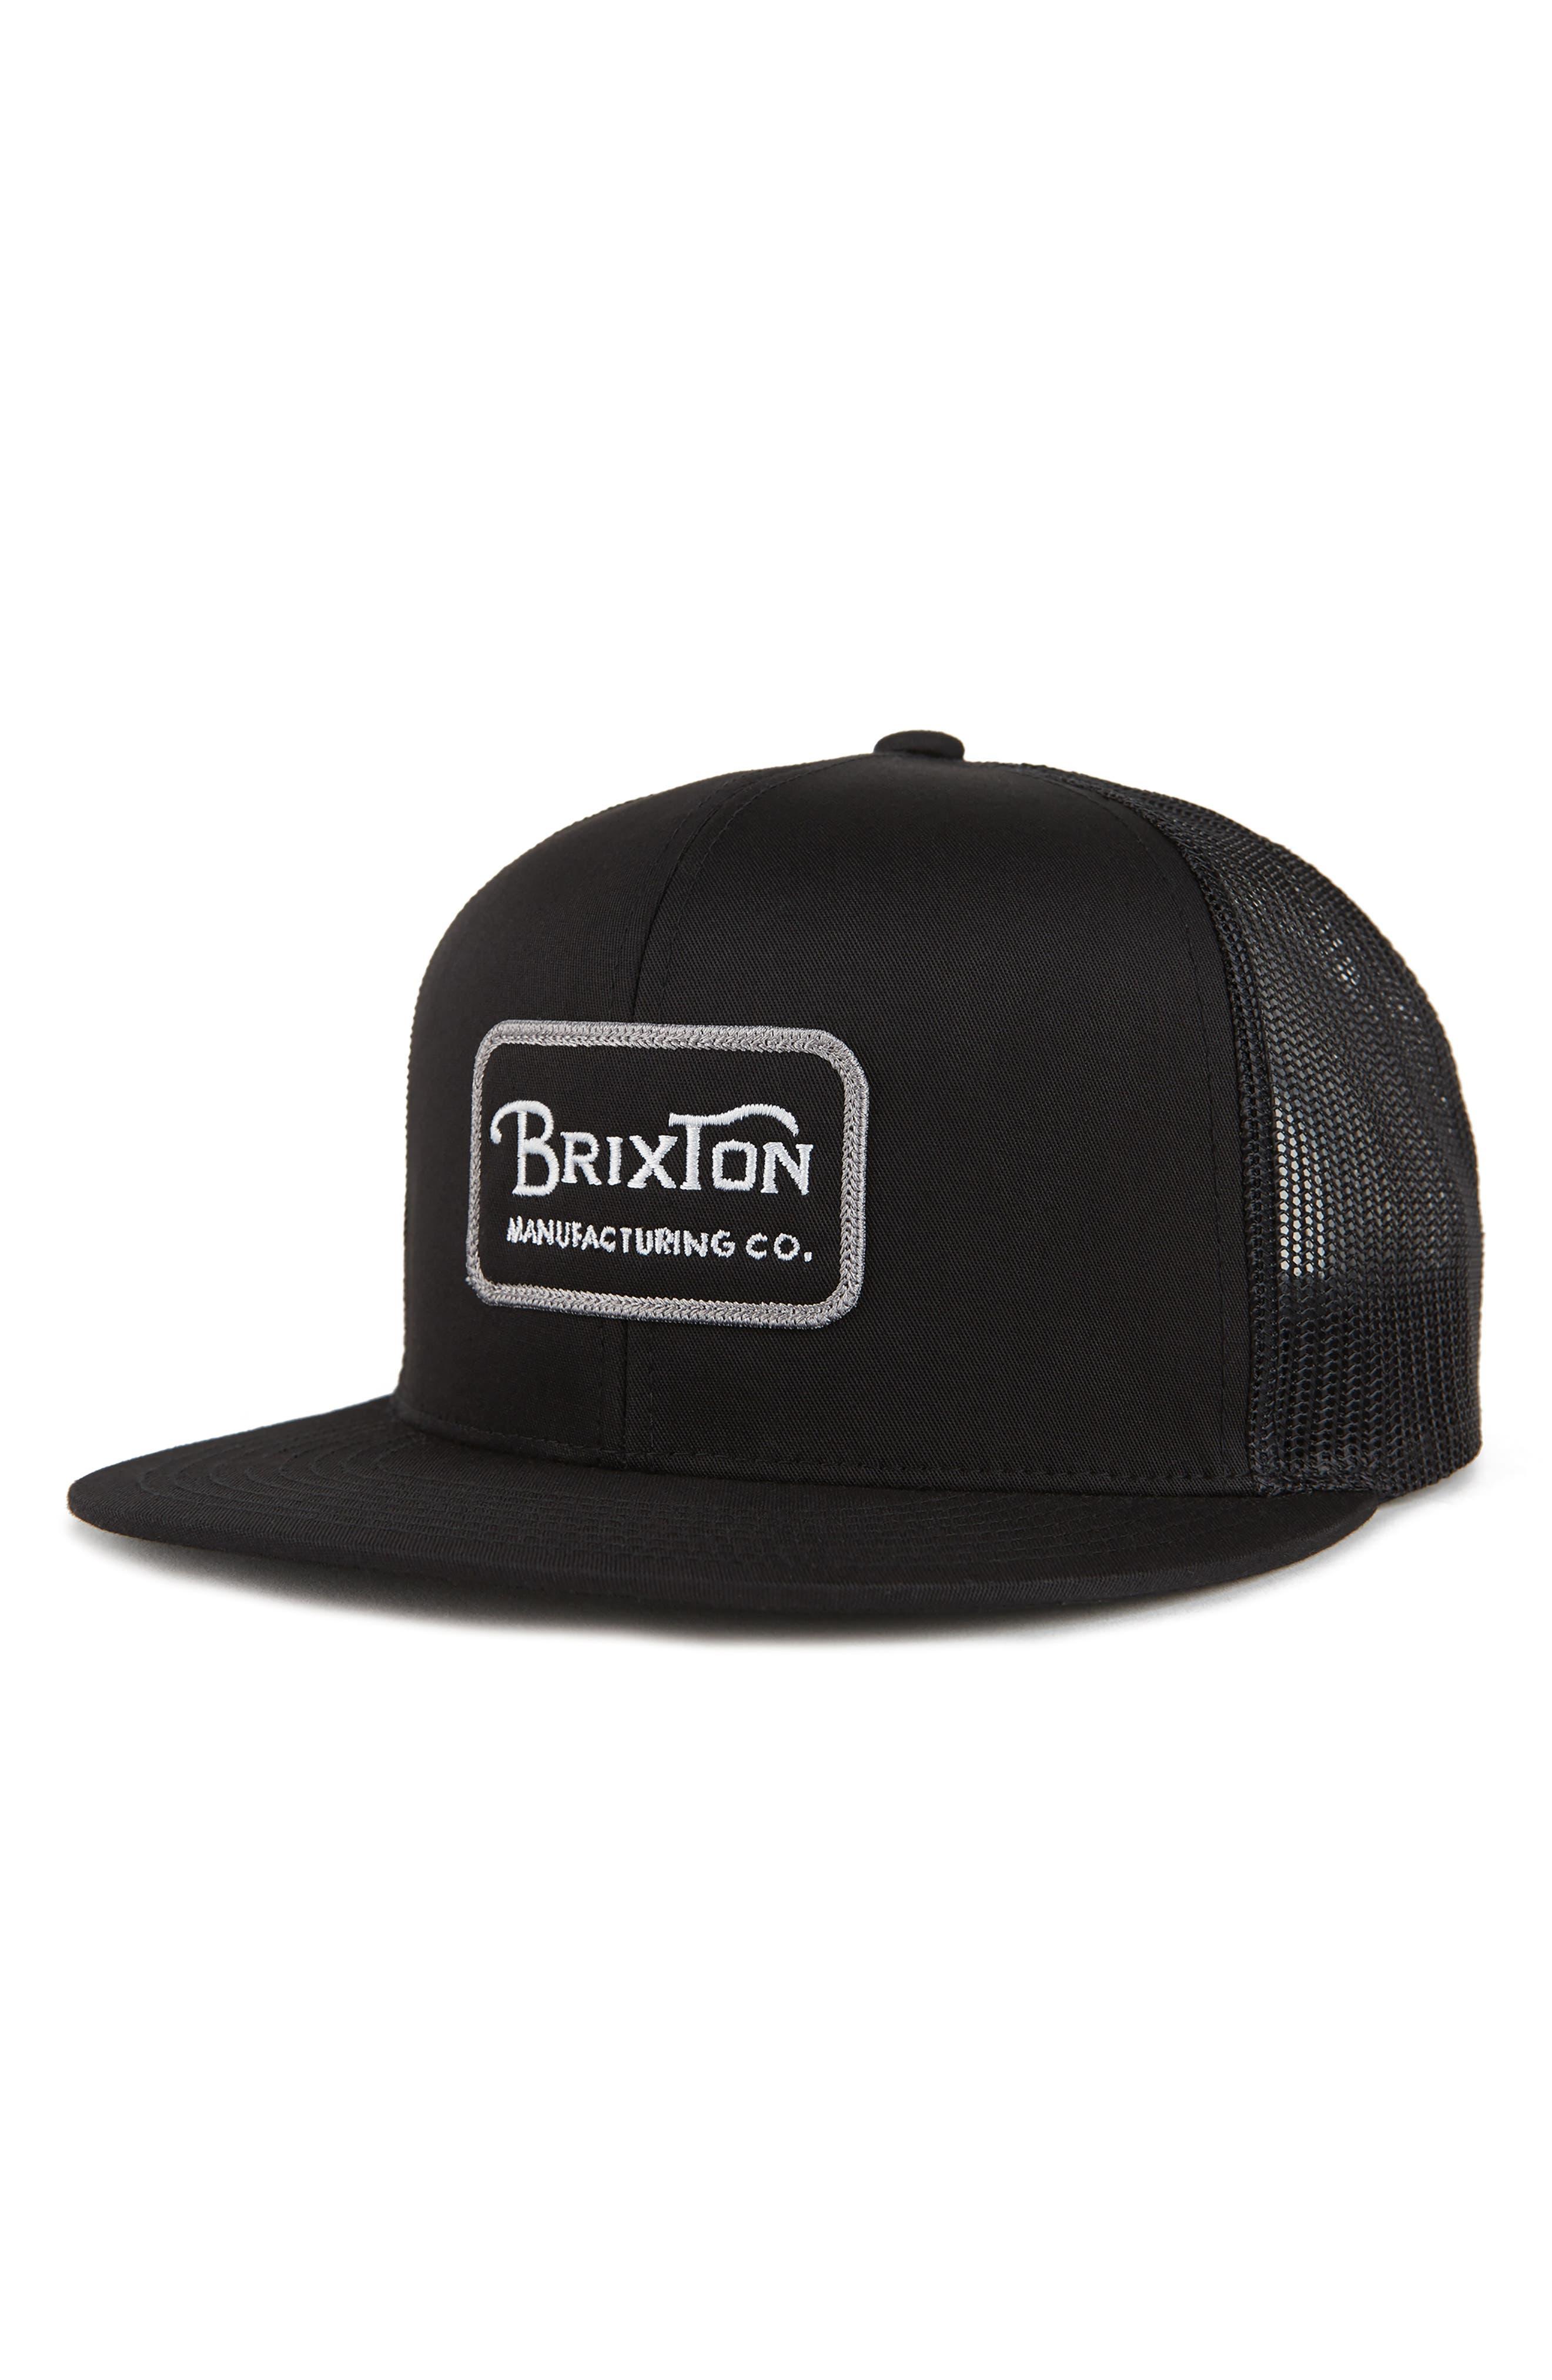 Brixton Hats 0c878f78fe9